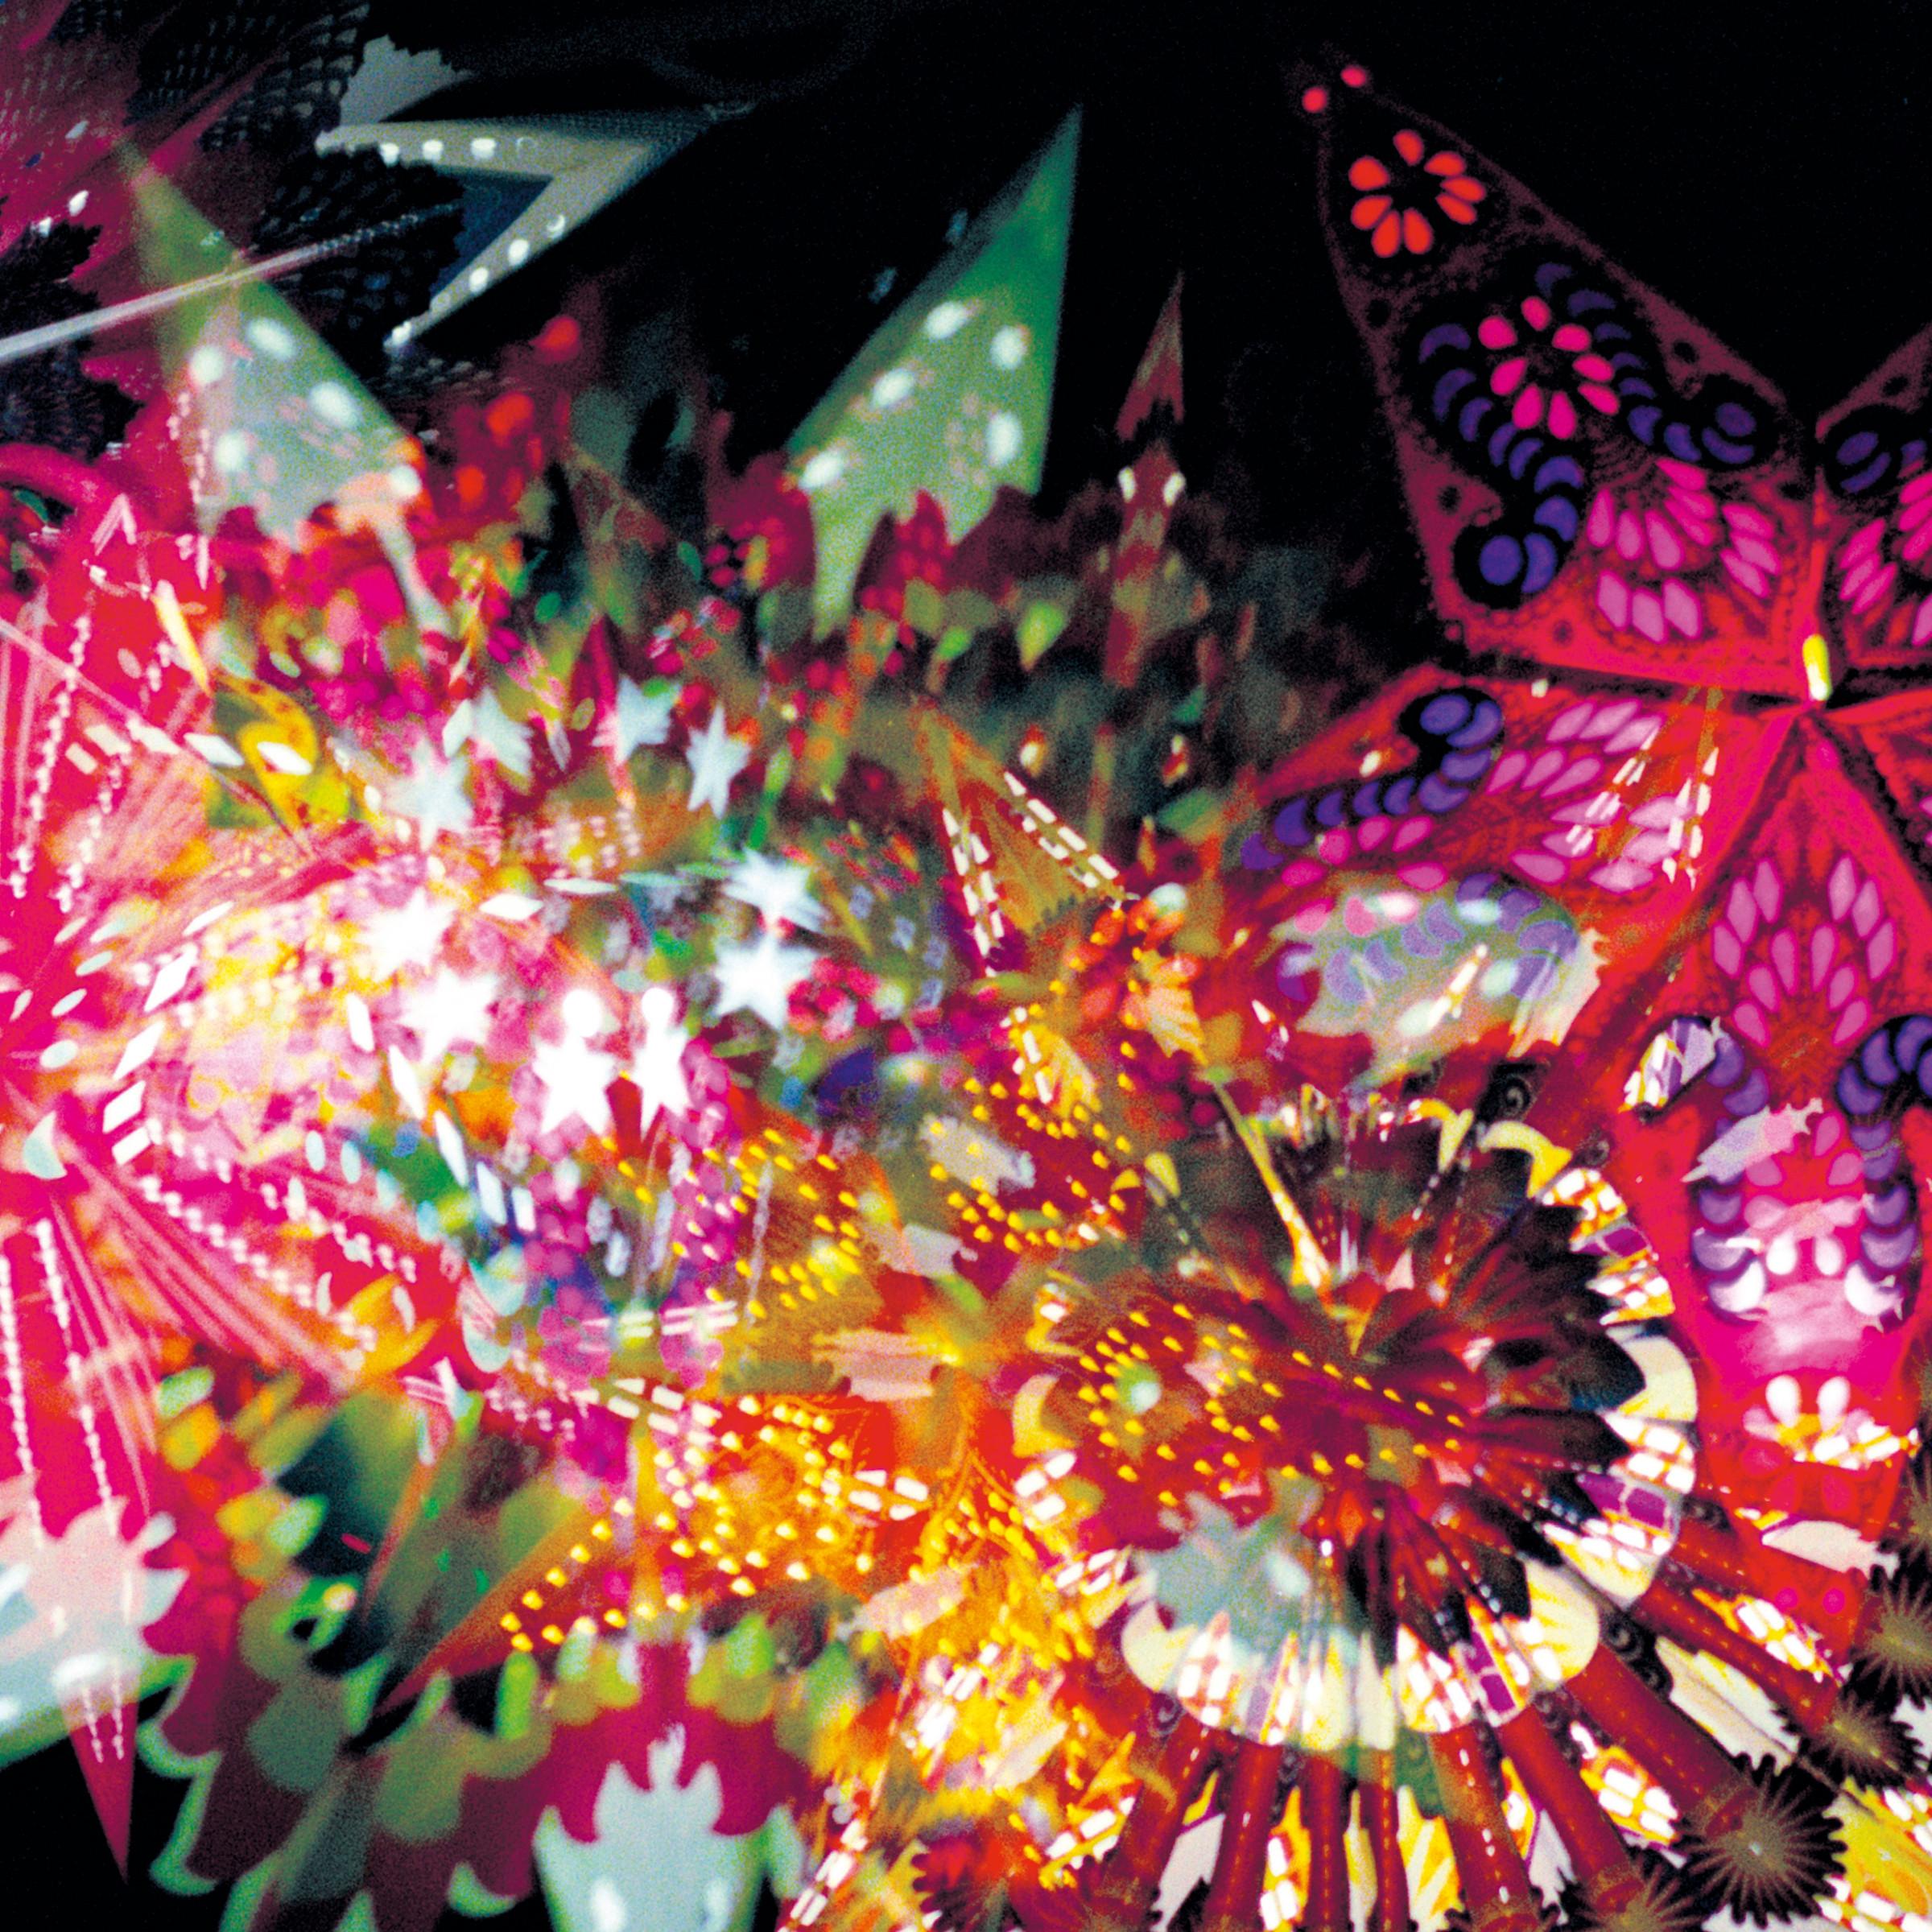 Caribou Vibration Ens/CVE LIVE 2011 LP